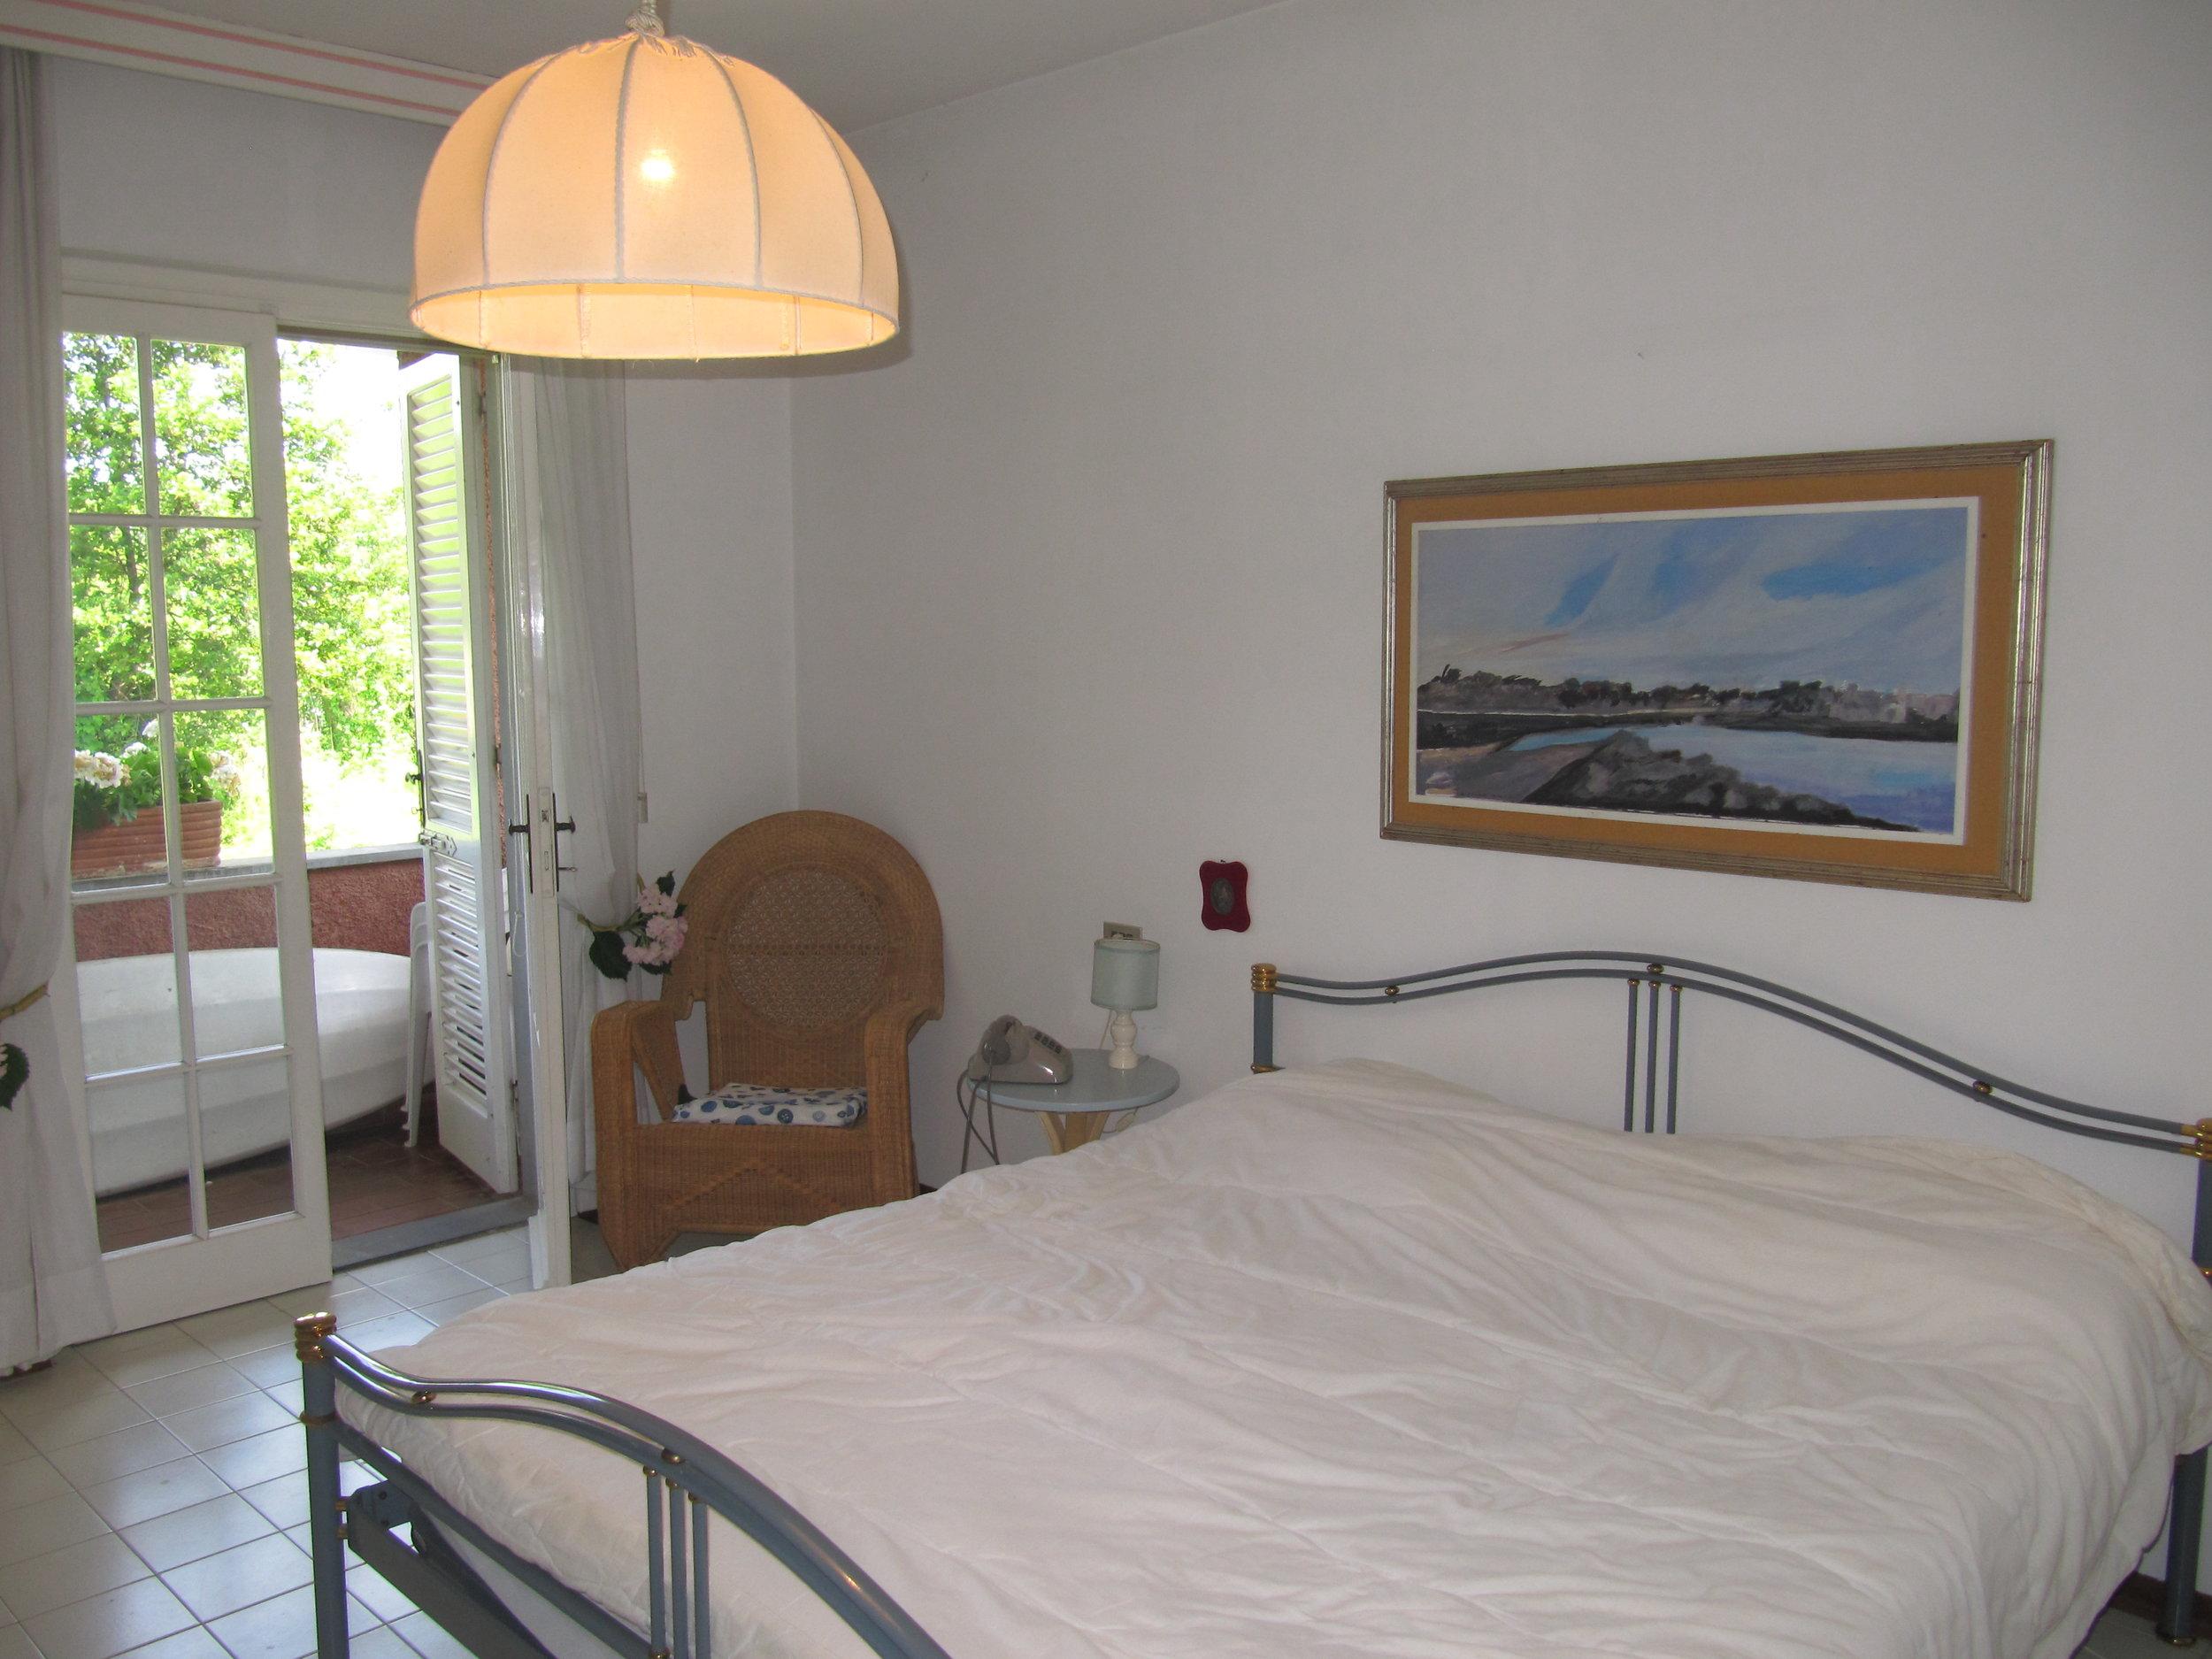 holiday-villa-forte-dei-marmi-main-bedroom.JPG